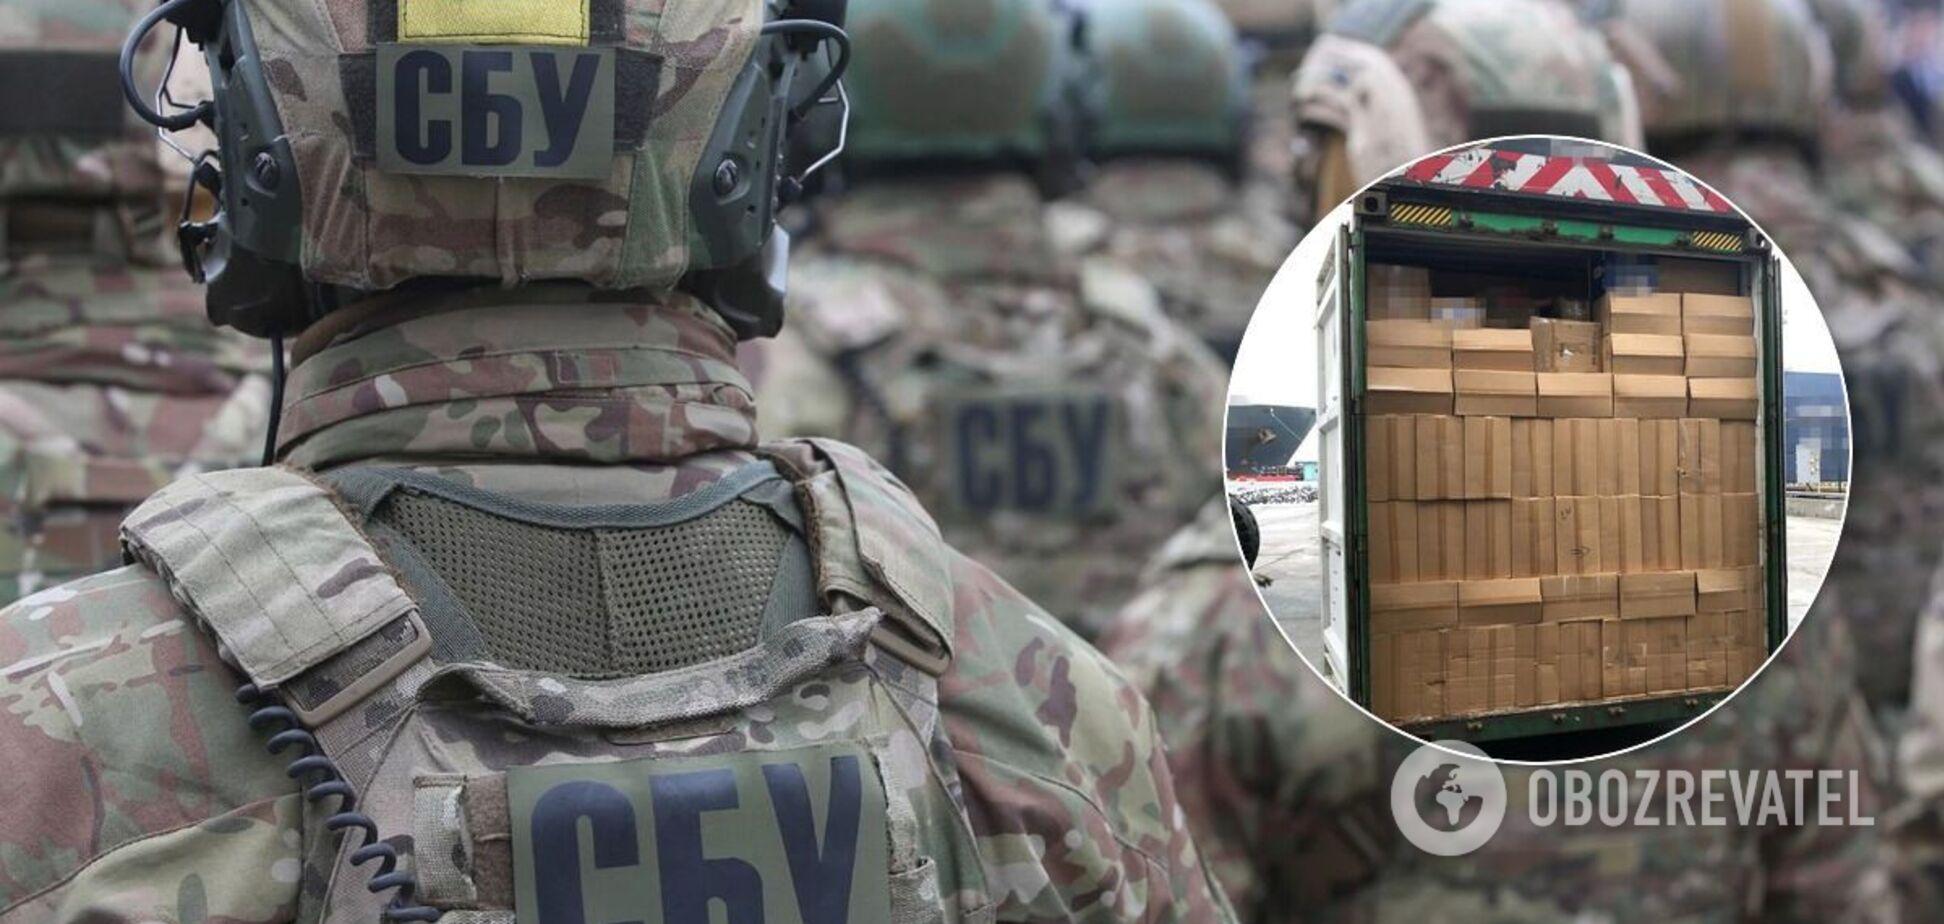 СБУ обнаружила крупную партию контрабандных сигарет